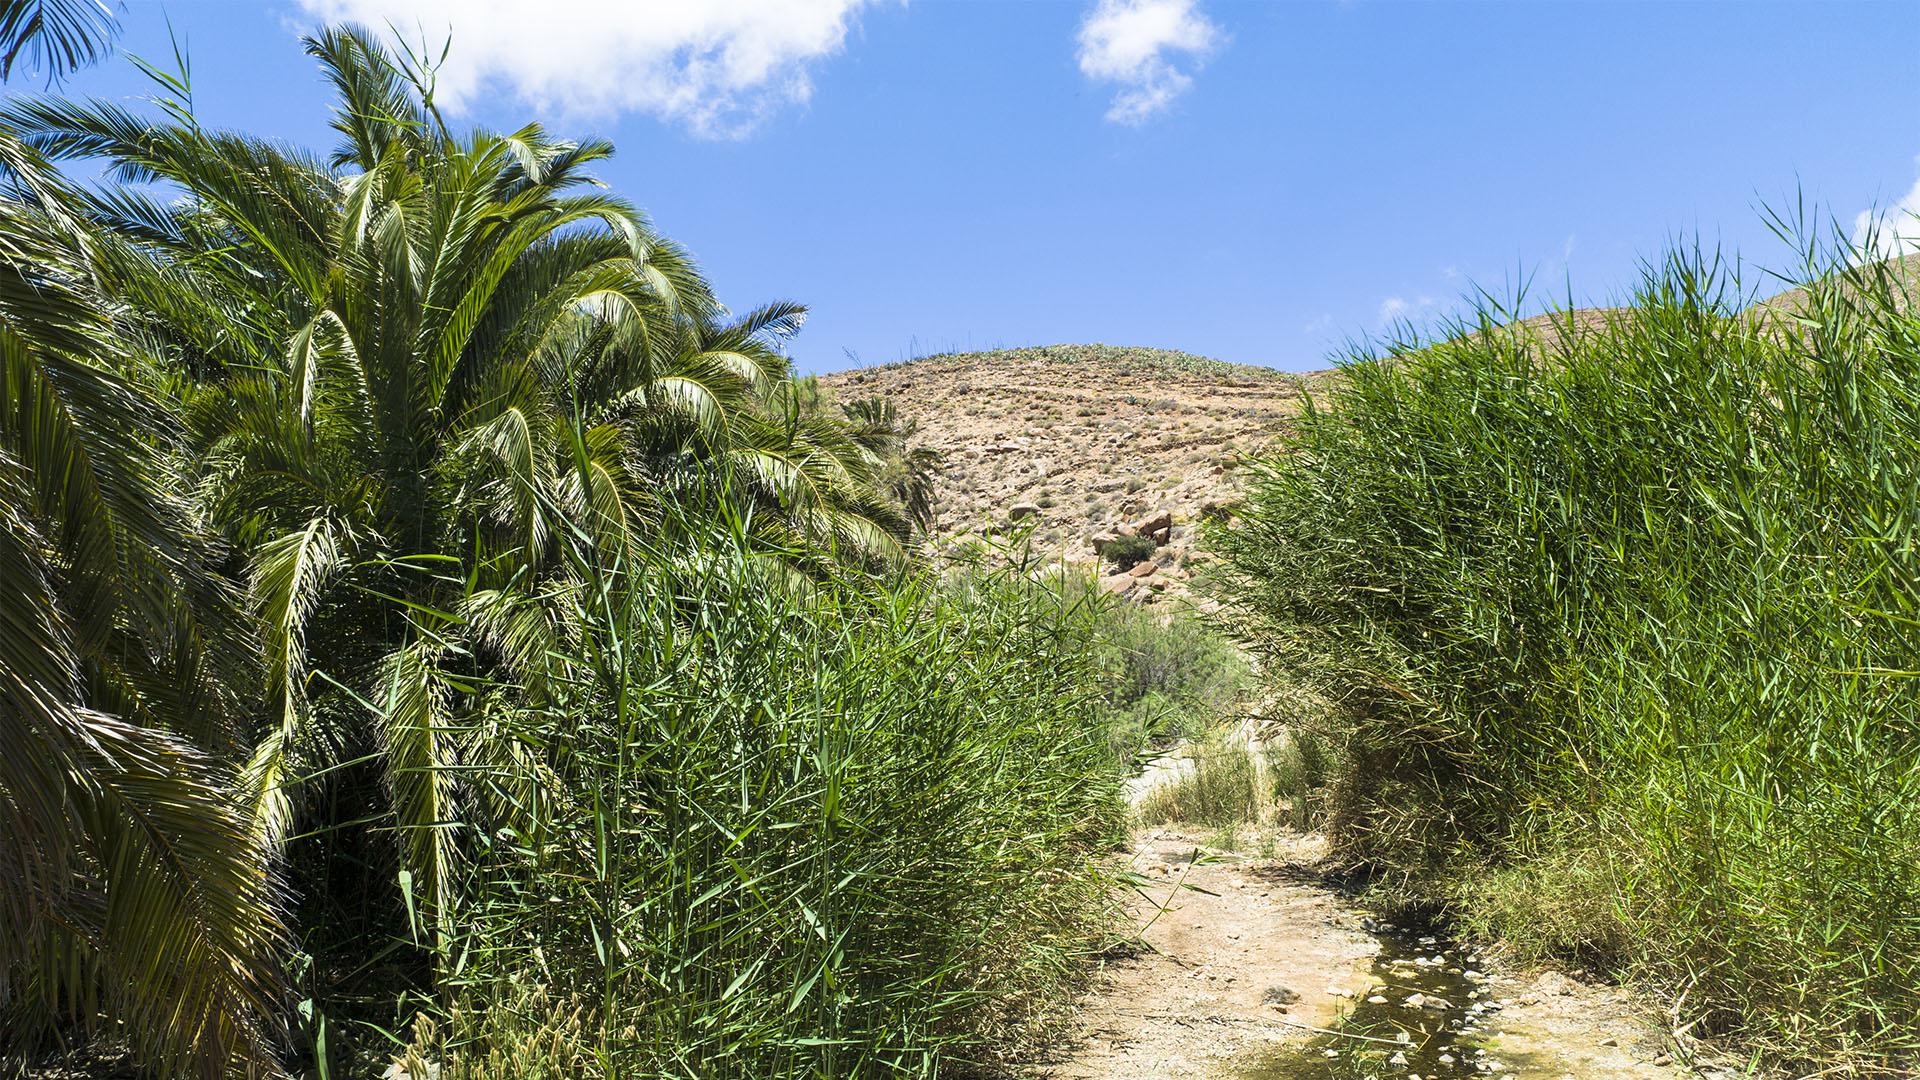 Wandern + Trekking auf Fuerteventura: Durchs Palmental von Vega Río Palmas nach Ajuy.